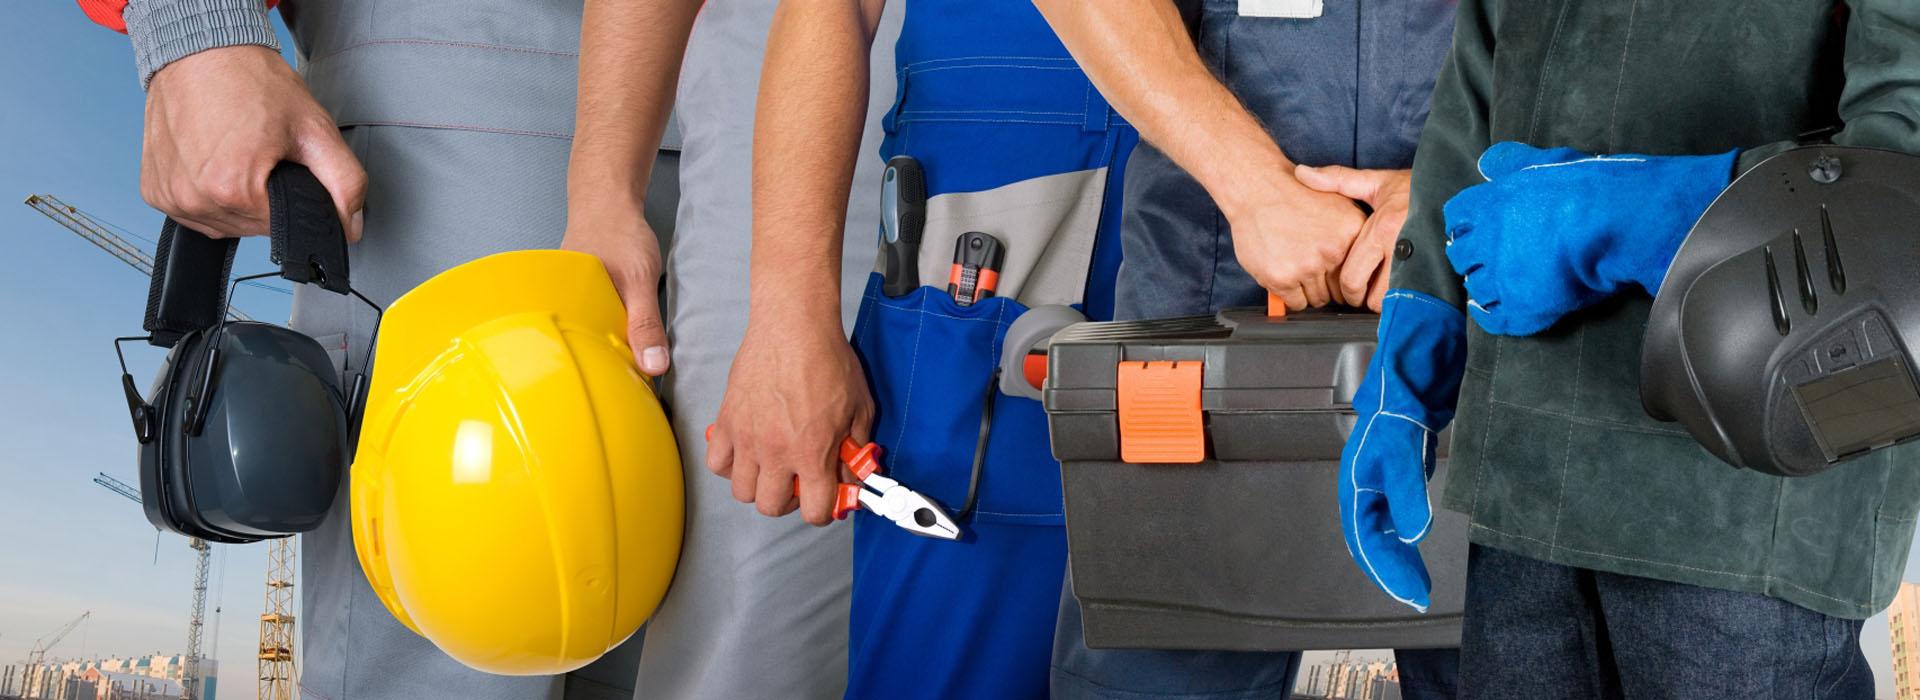 Средства индивидуальной защиты при строительстве дома